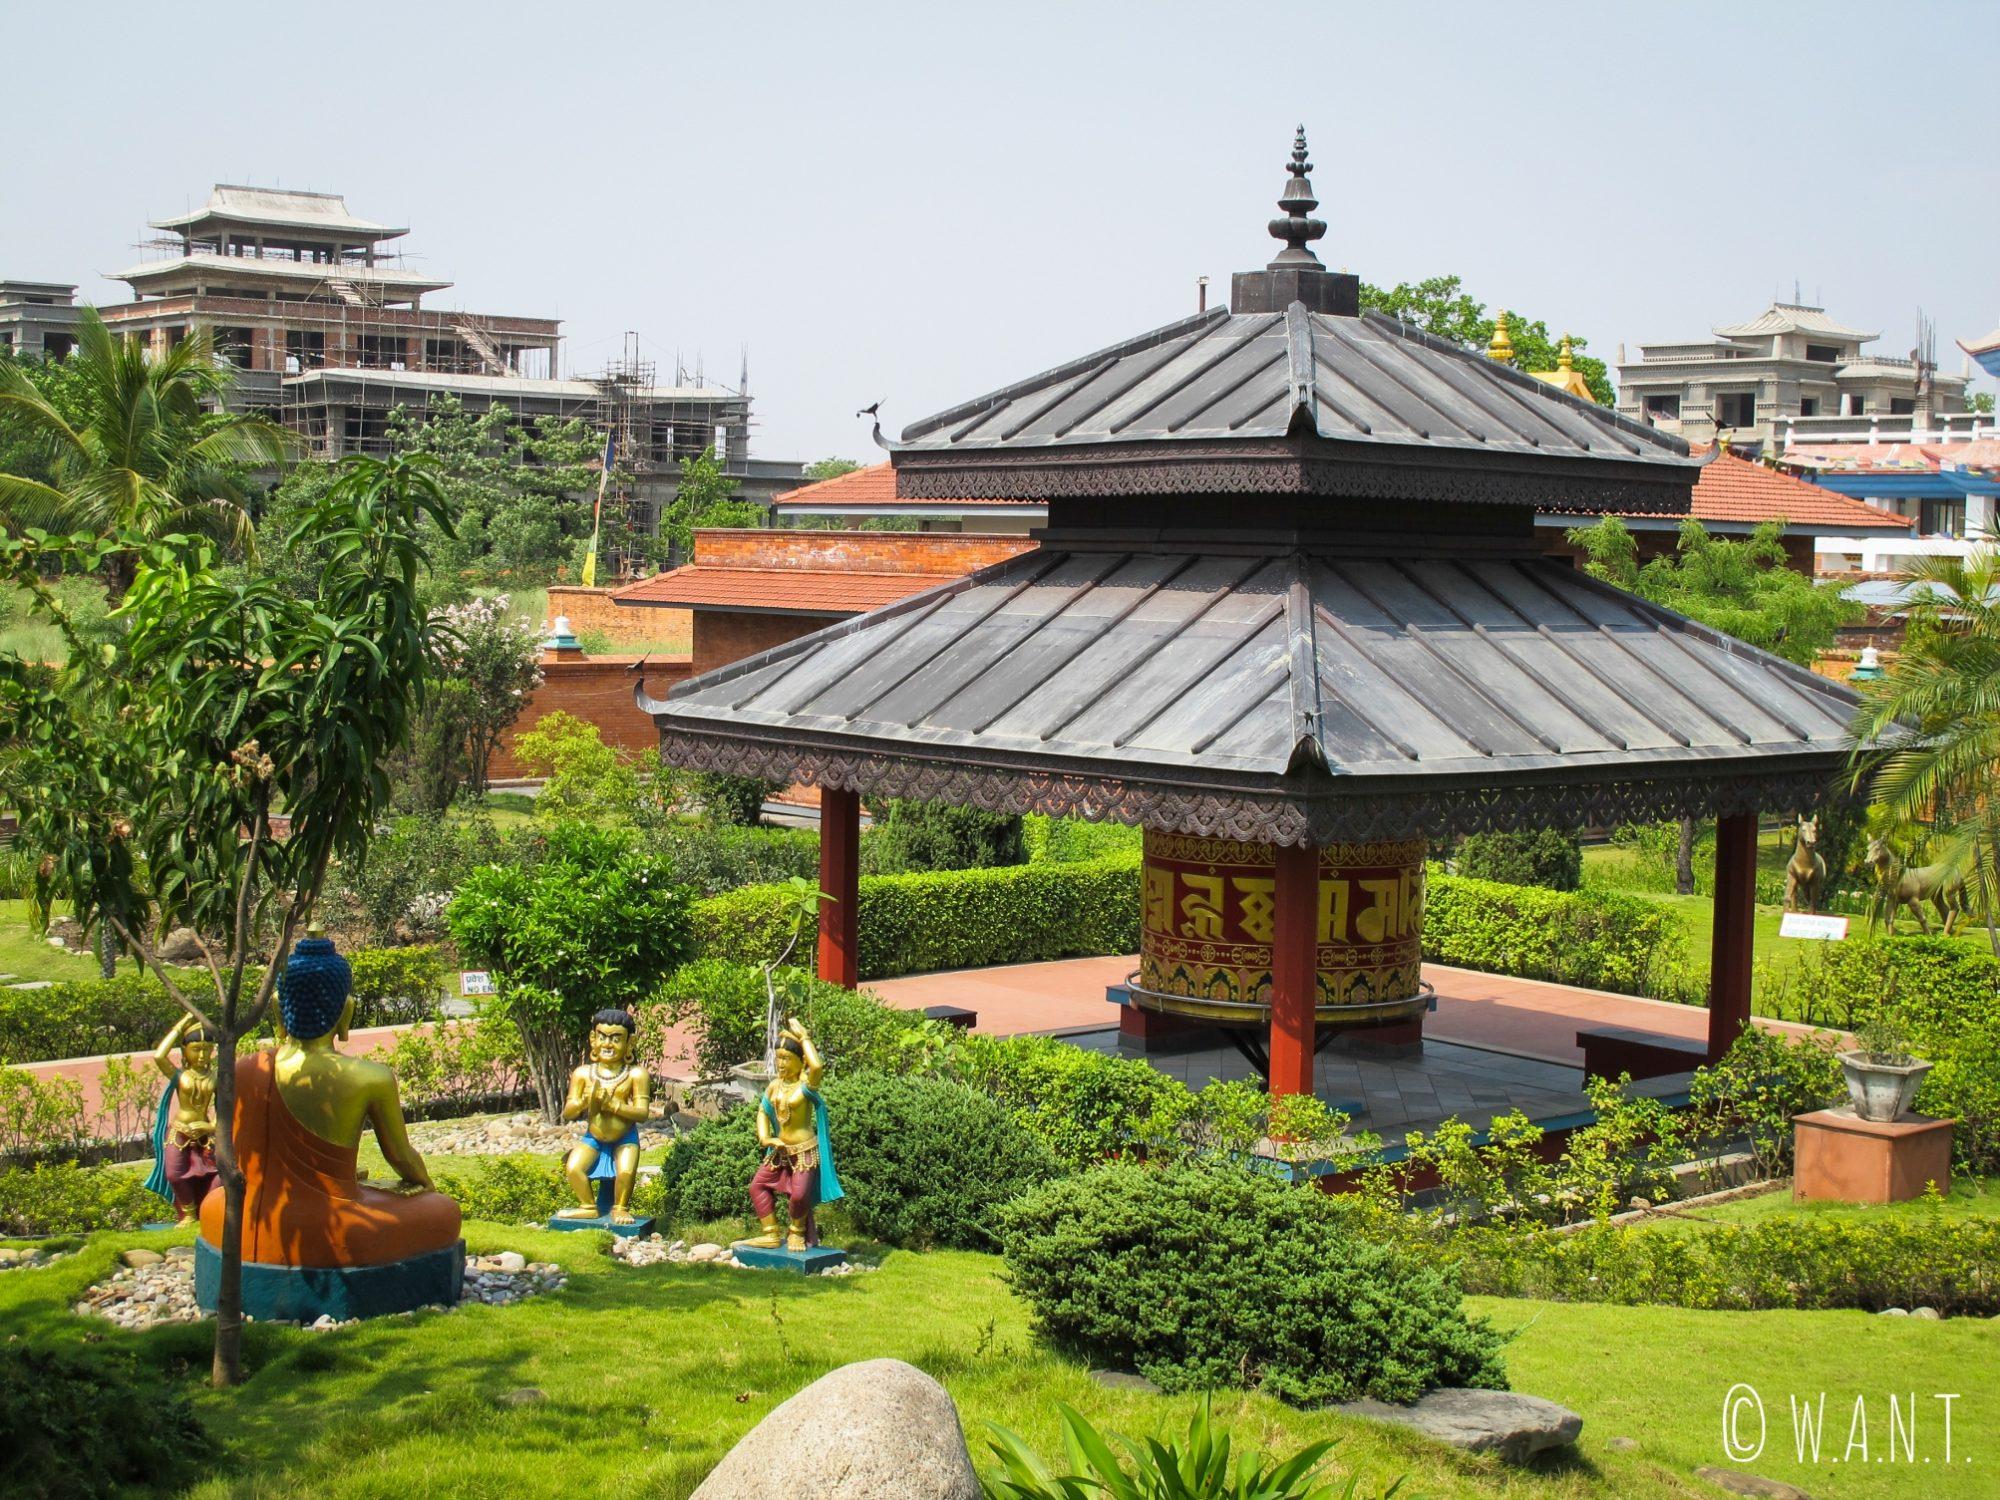 Dans les jardins du Lotus stupa de l'Allemagne, l'histoire de Bouddha est contée